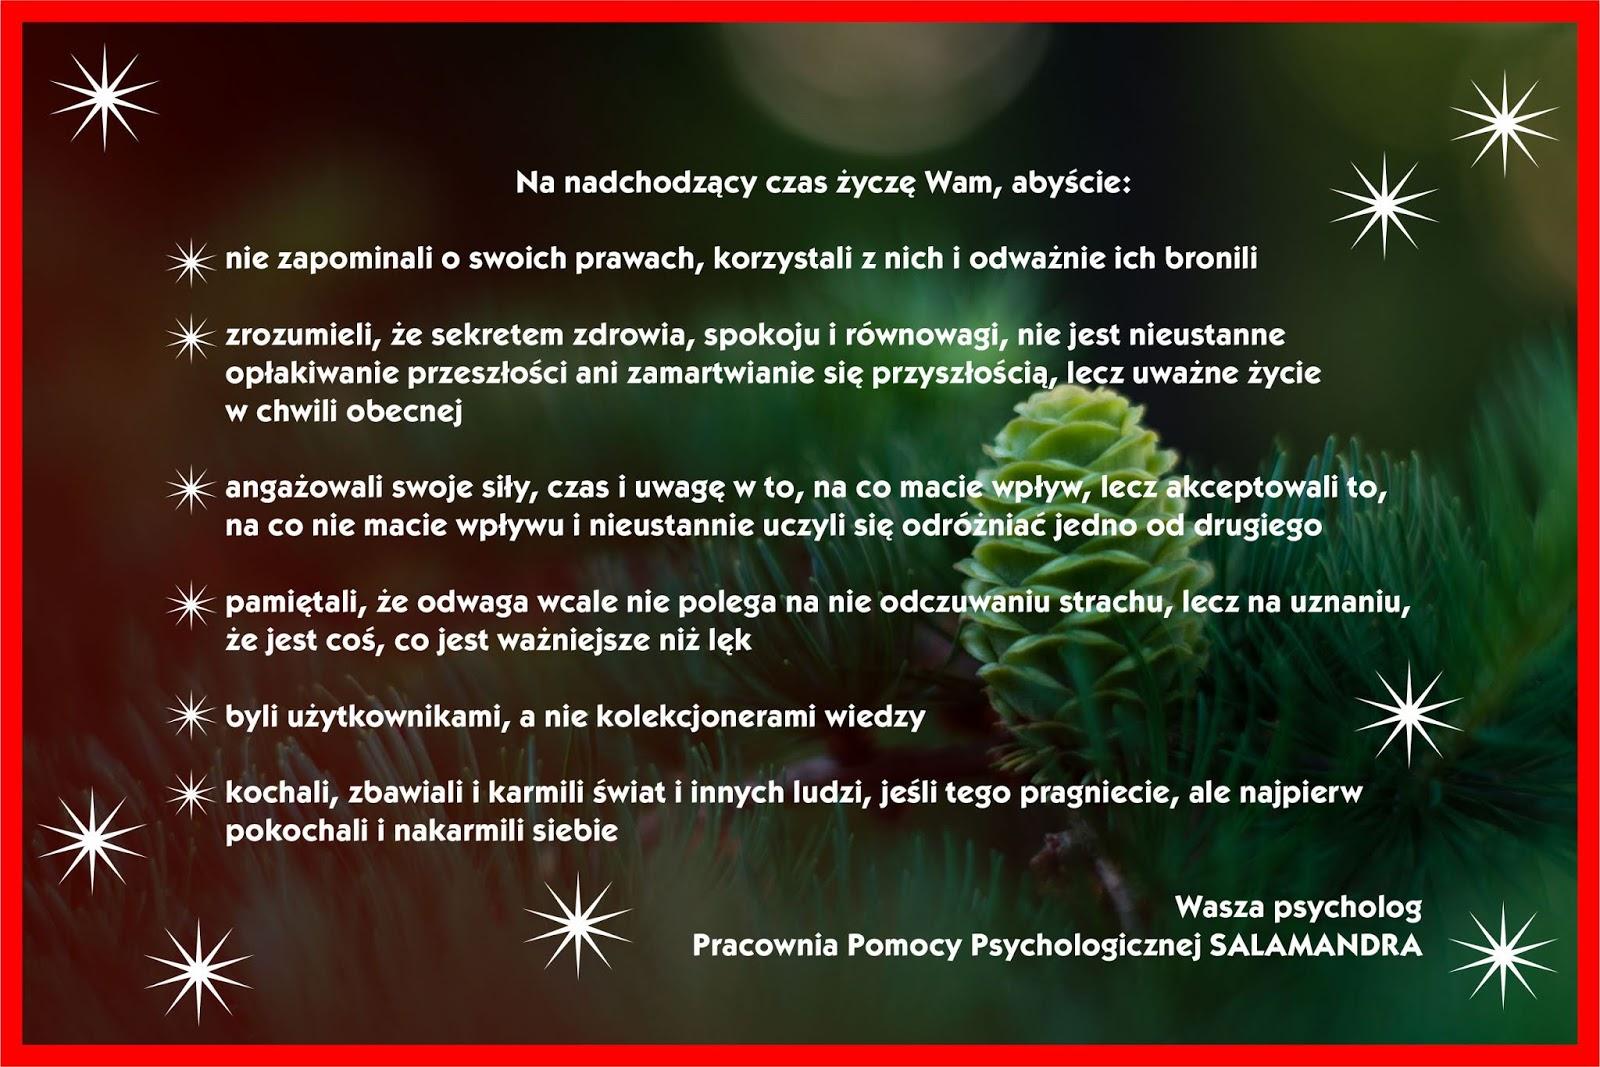 Psychologiczne życzenia Świąteczne - Boże Narodzenie 2019